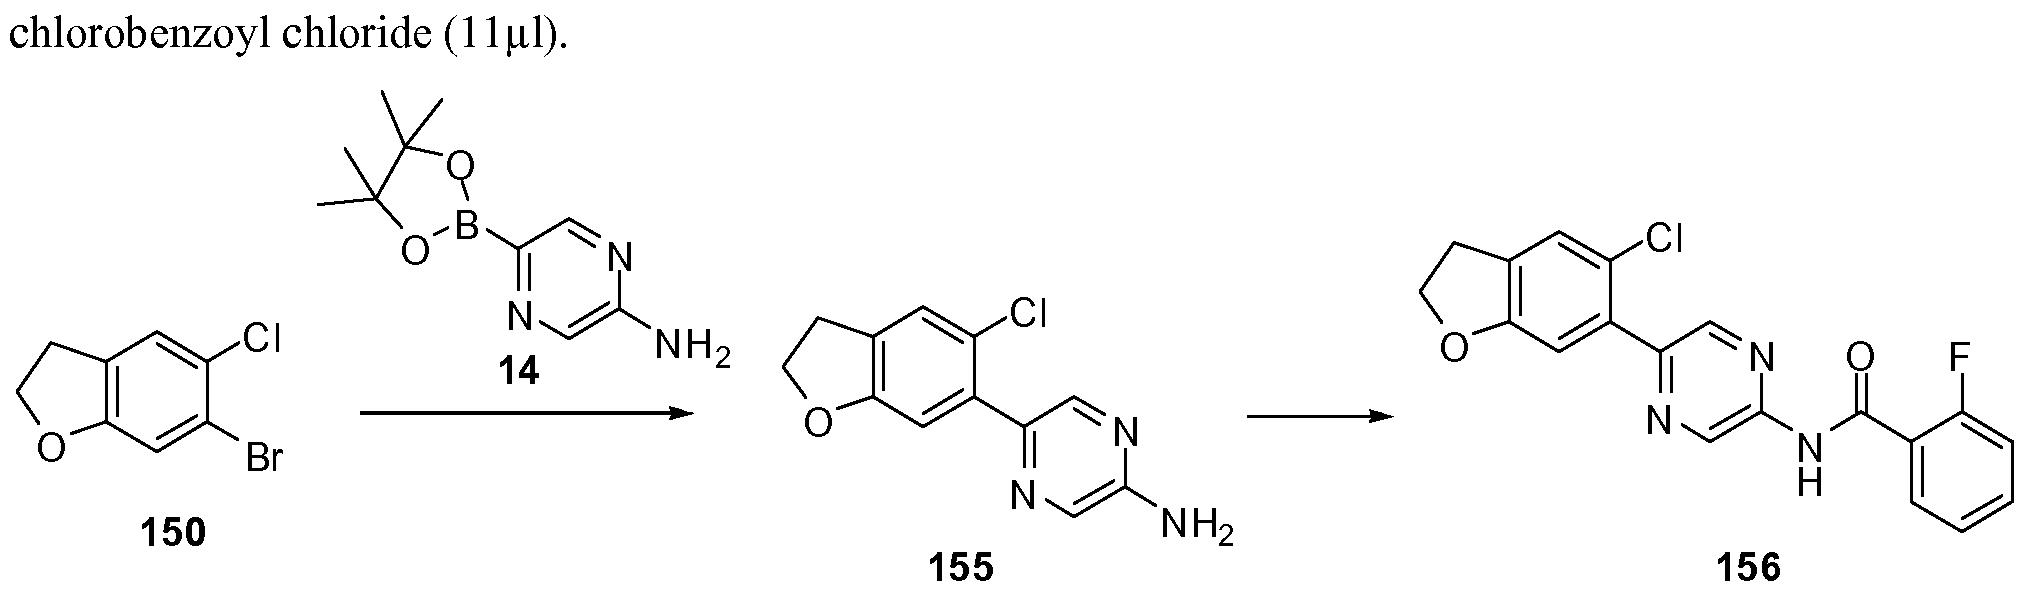 Figure imgf000263_0001